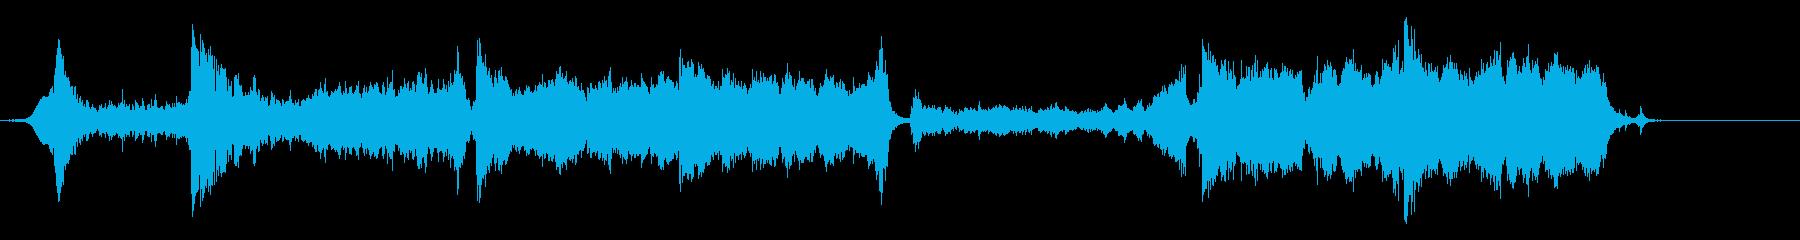 壮大なオーケストラの再生済みの波形